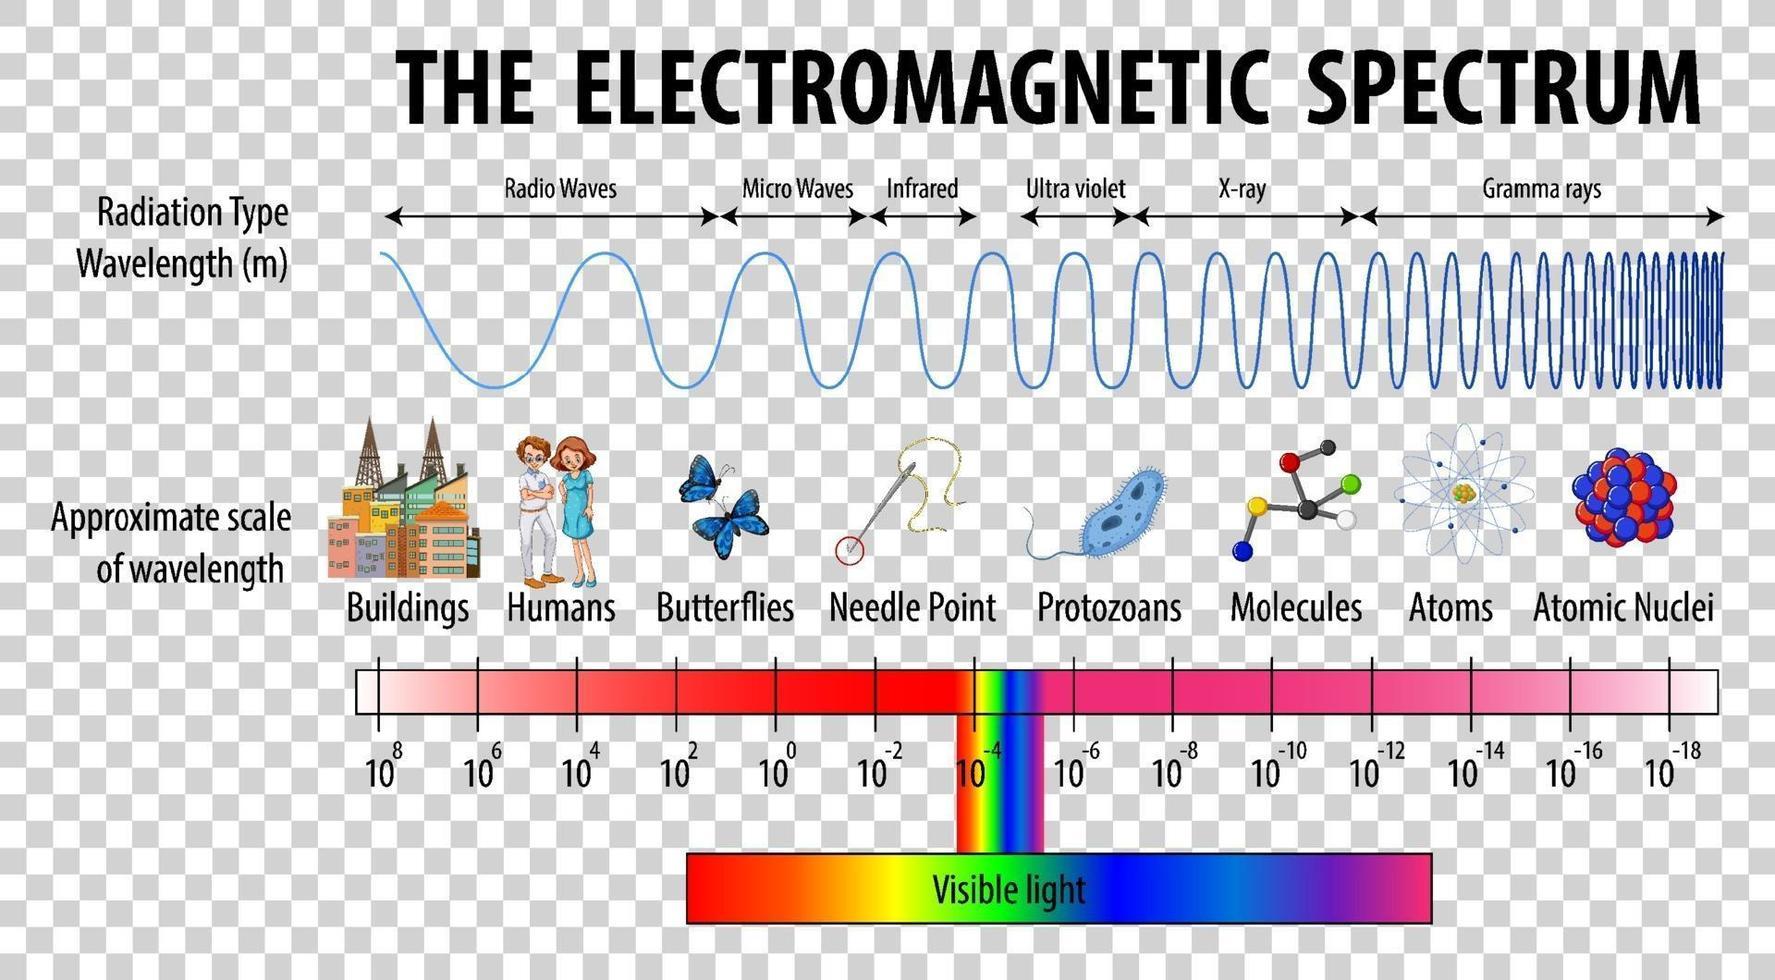 Wissenschaft elektromagnetisches Spektrum Diagramm vektor